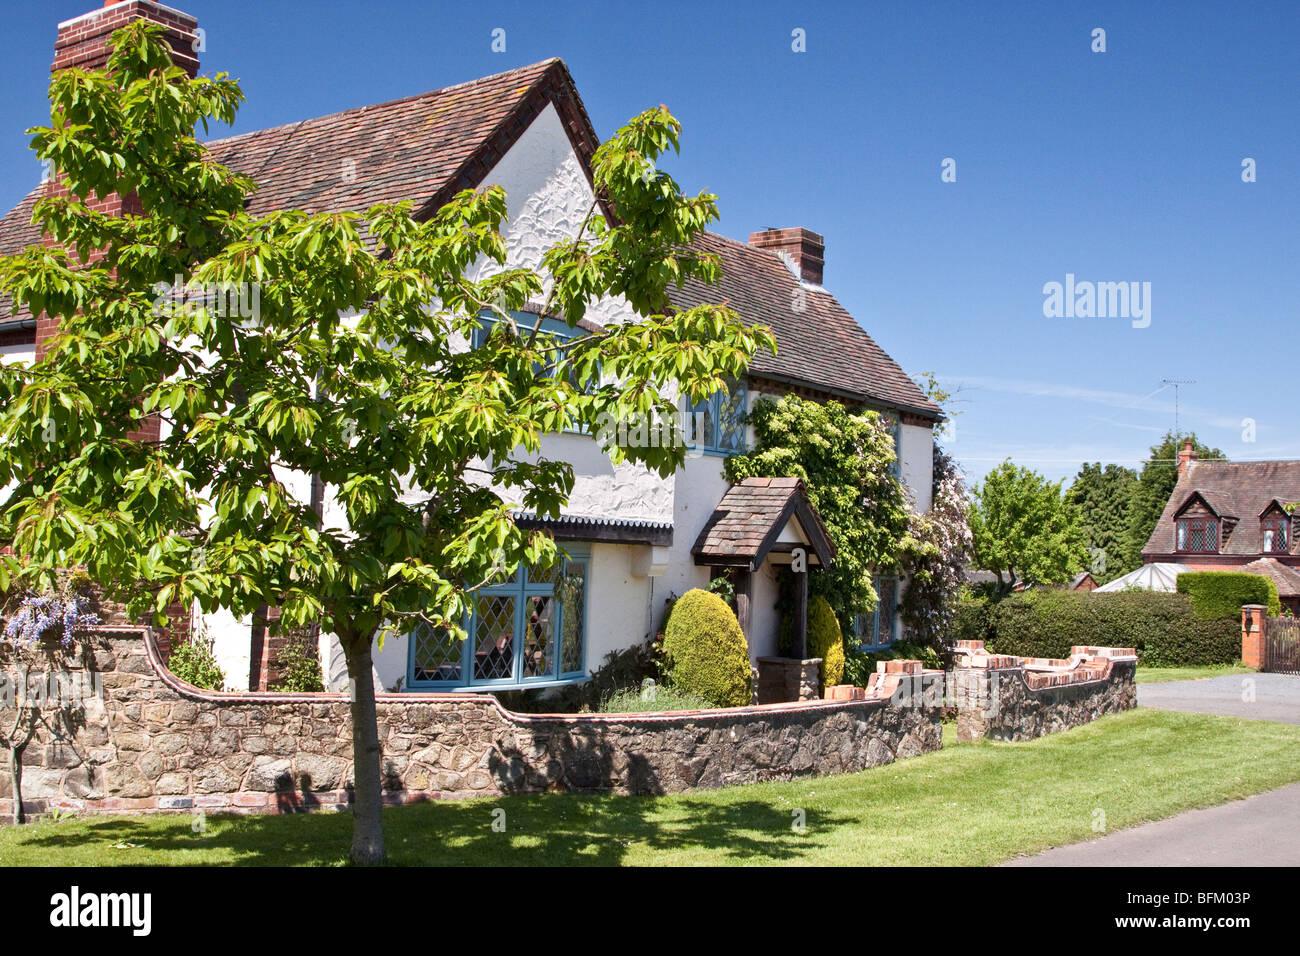 English country cottage, England UK - Stock Image